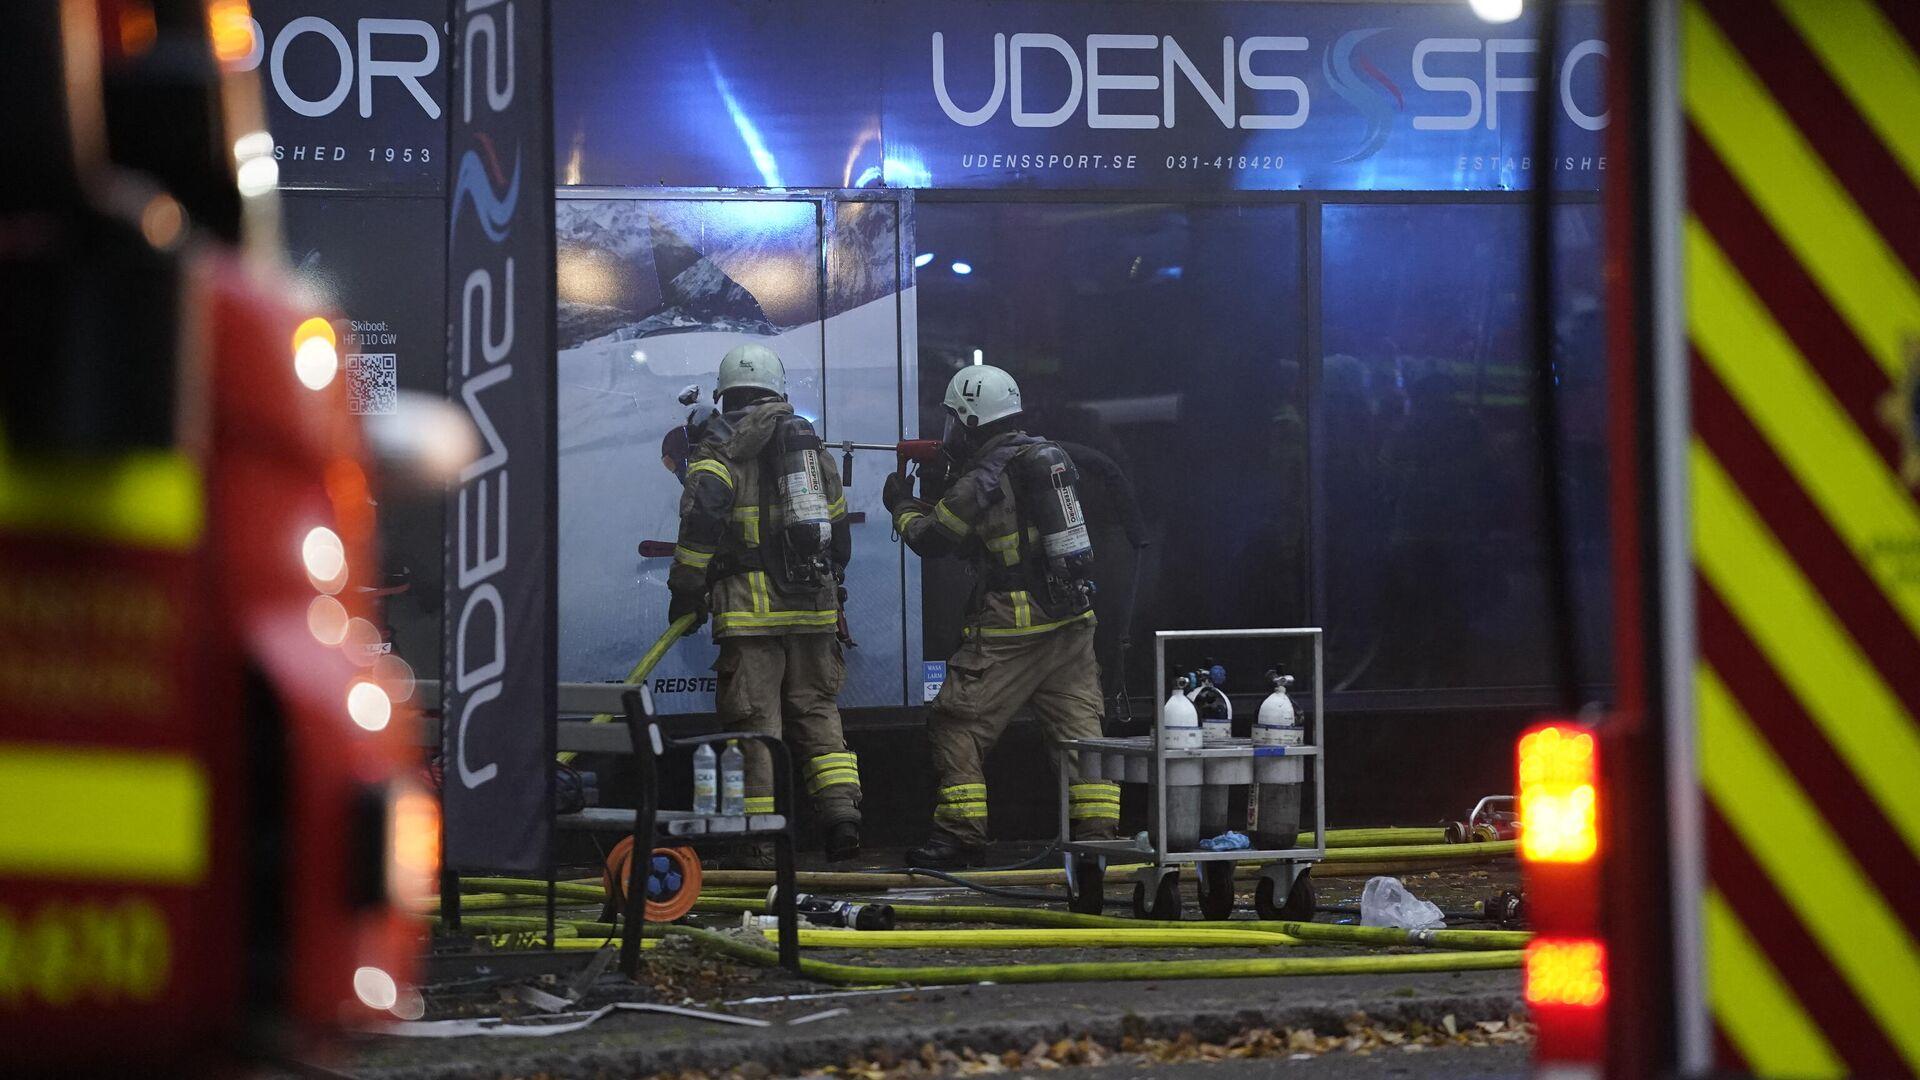 Пожарные на месте взрыва в жилом доме в Гетеборге, Швеция - РИА Новости, 1920, 28.09.2021